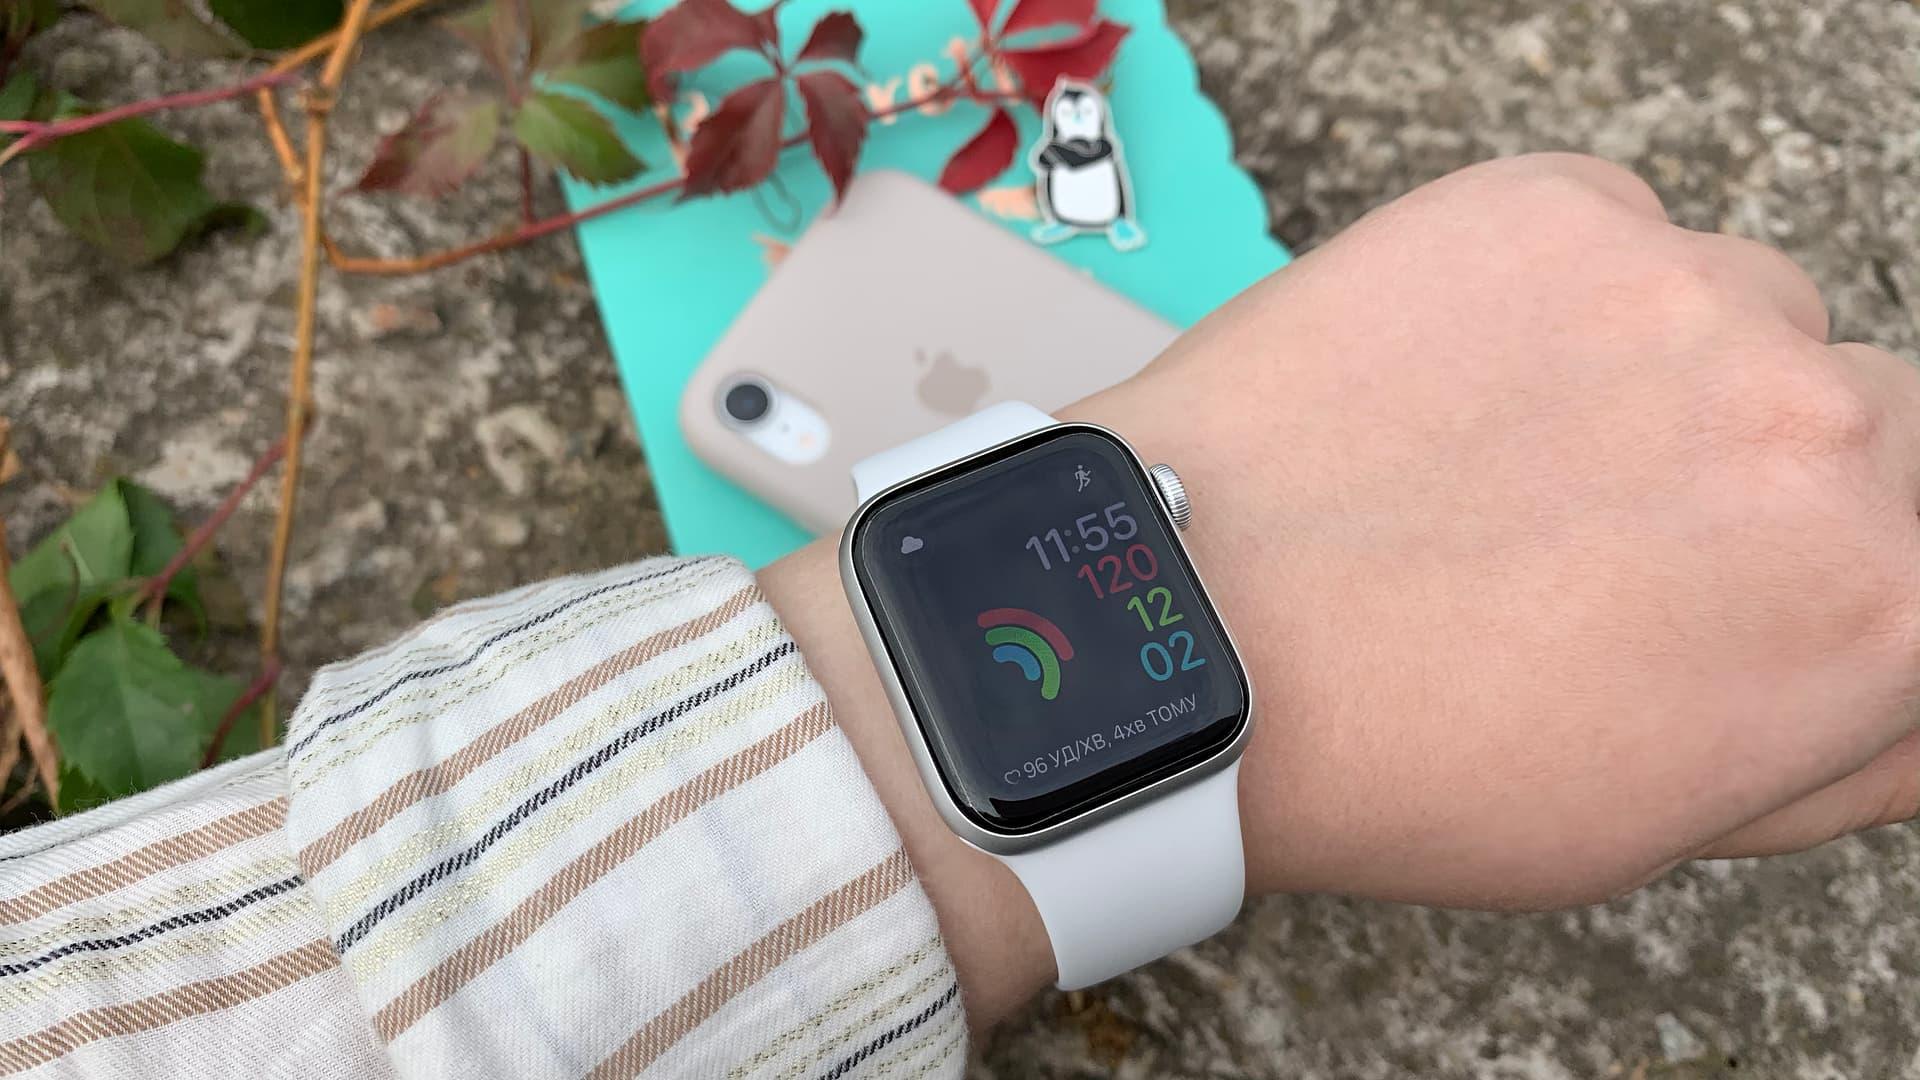 Apple Watch SE / Spotify / Як розблокувати iPhone за допомогою Apple Watch?